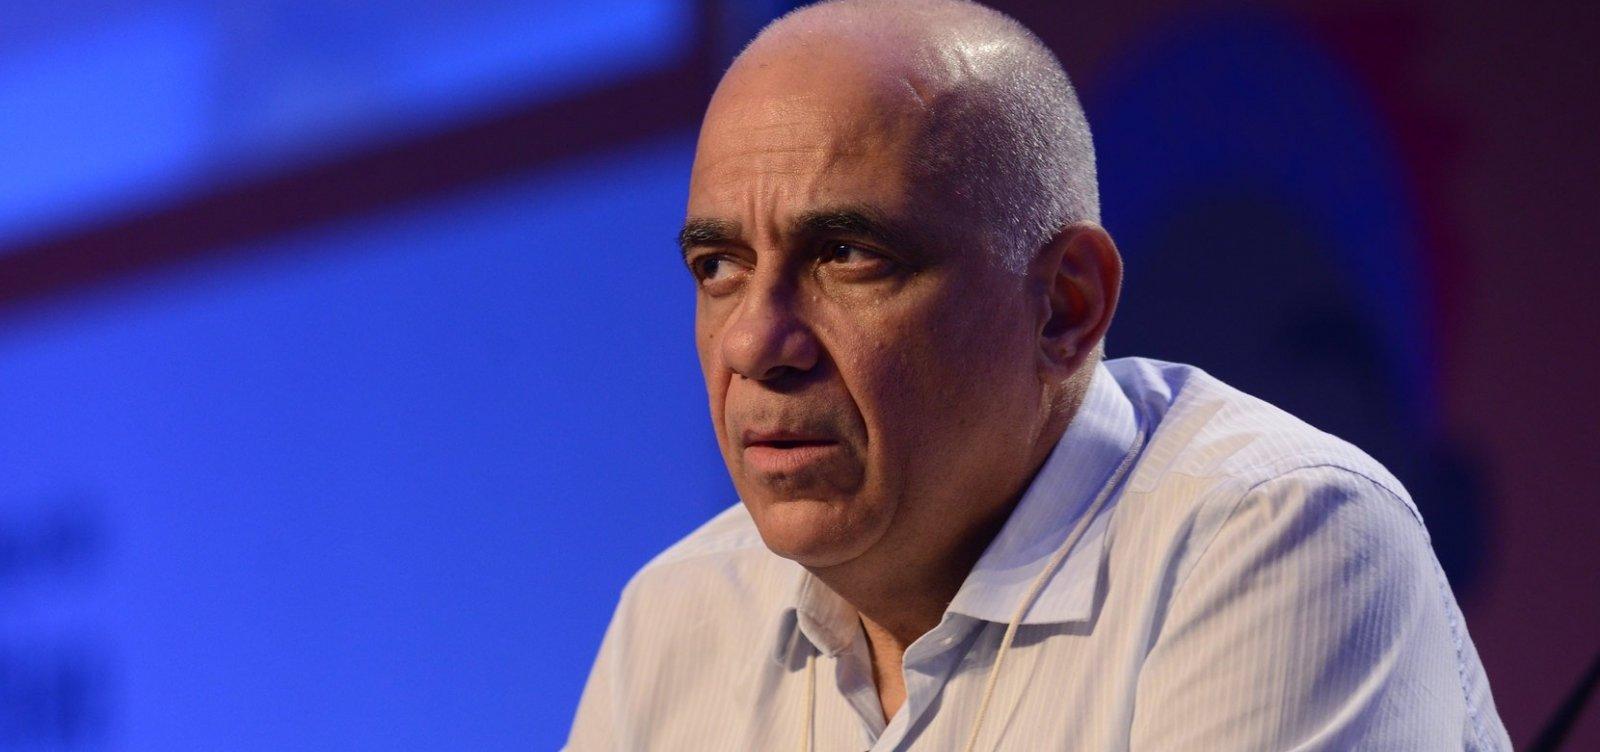 [Sociólogo critica papel das elites na crise e alerta: 'Está se colocando um golpe no Brasil']